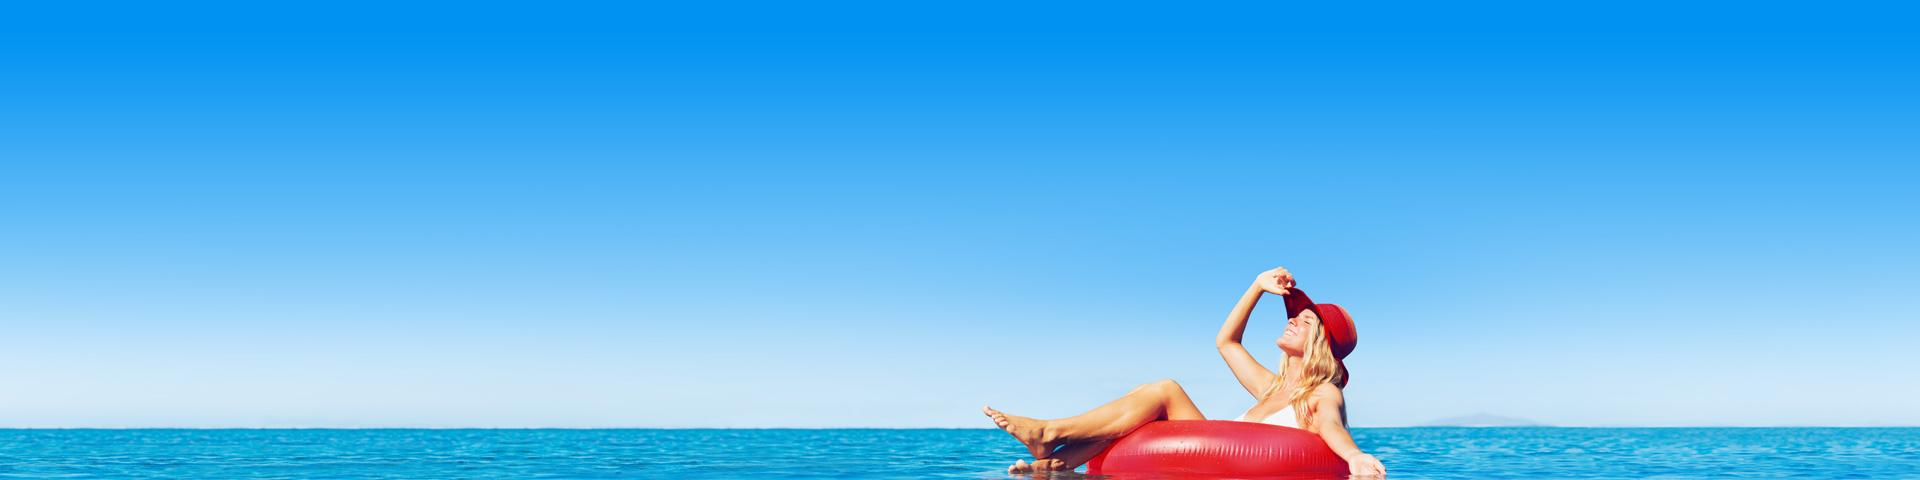 Meisje in zwemband in het zwembad